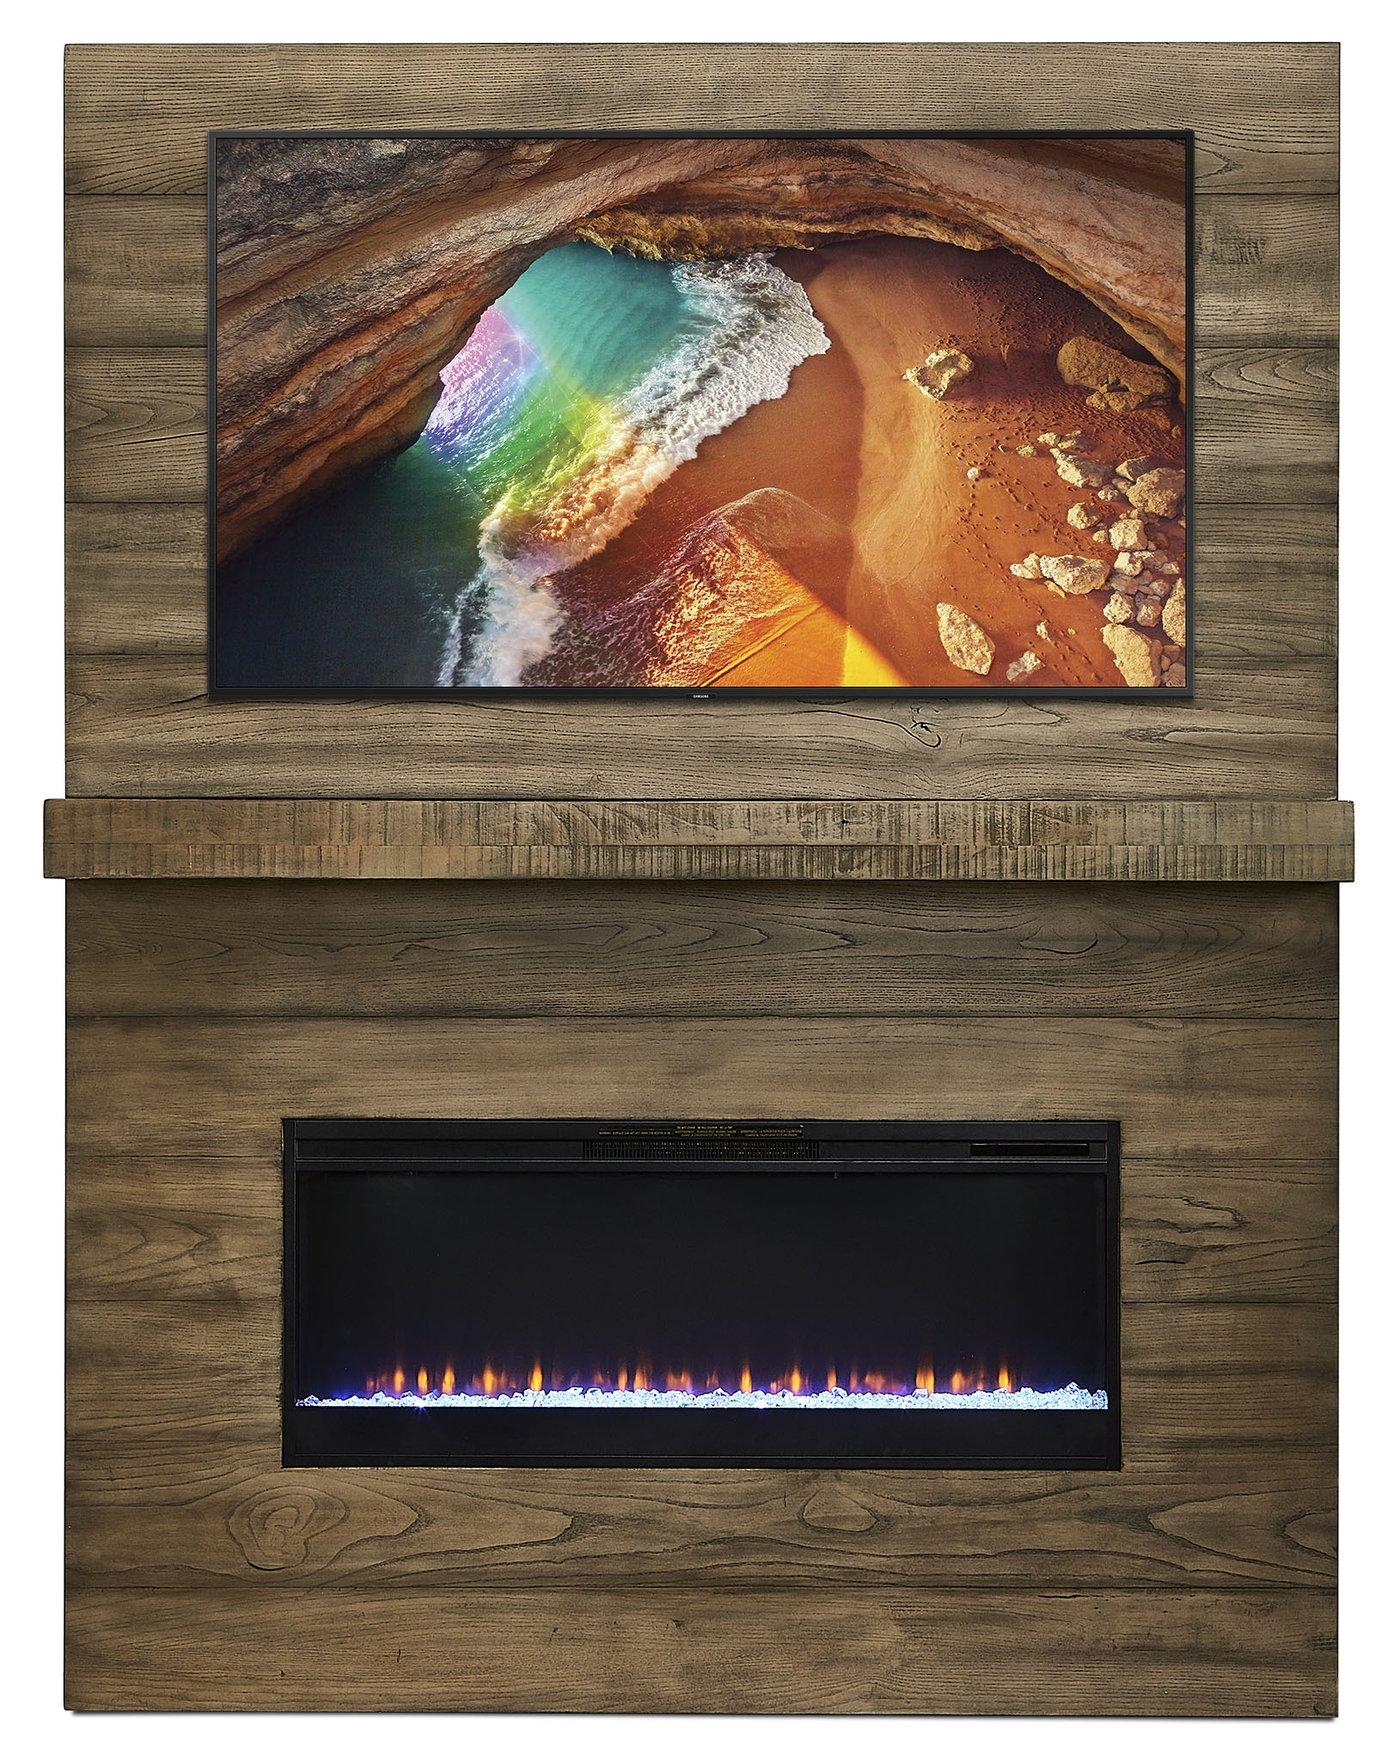 Fireplace Wall Unit Luxury Canizares Unité Murale 4 Mcx Avec Foyer Cendré